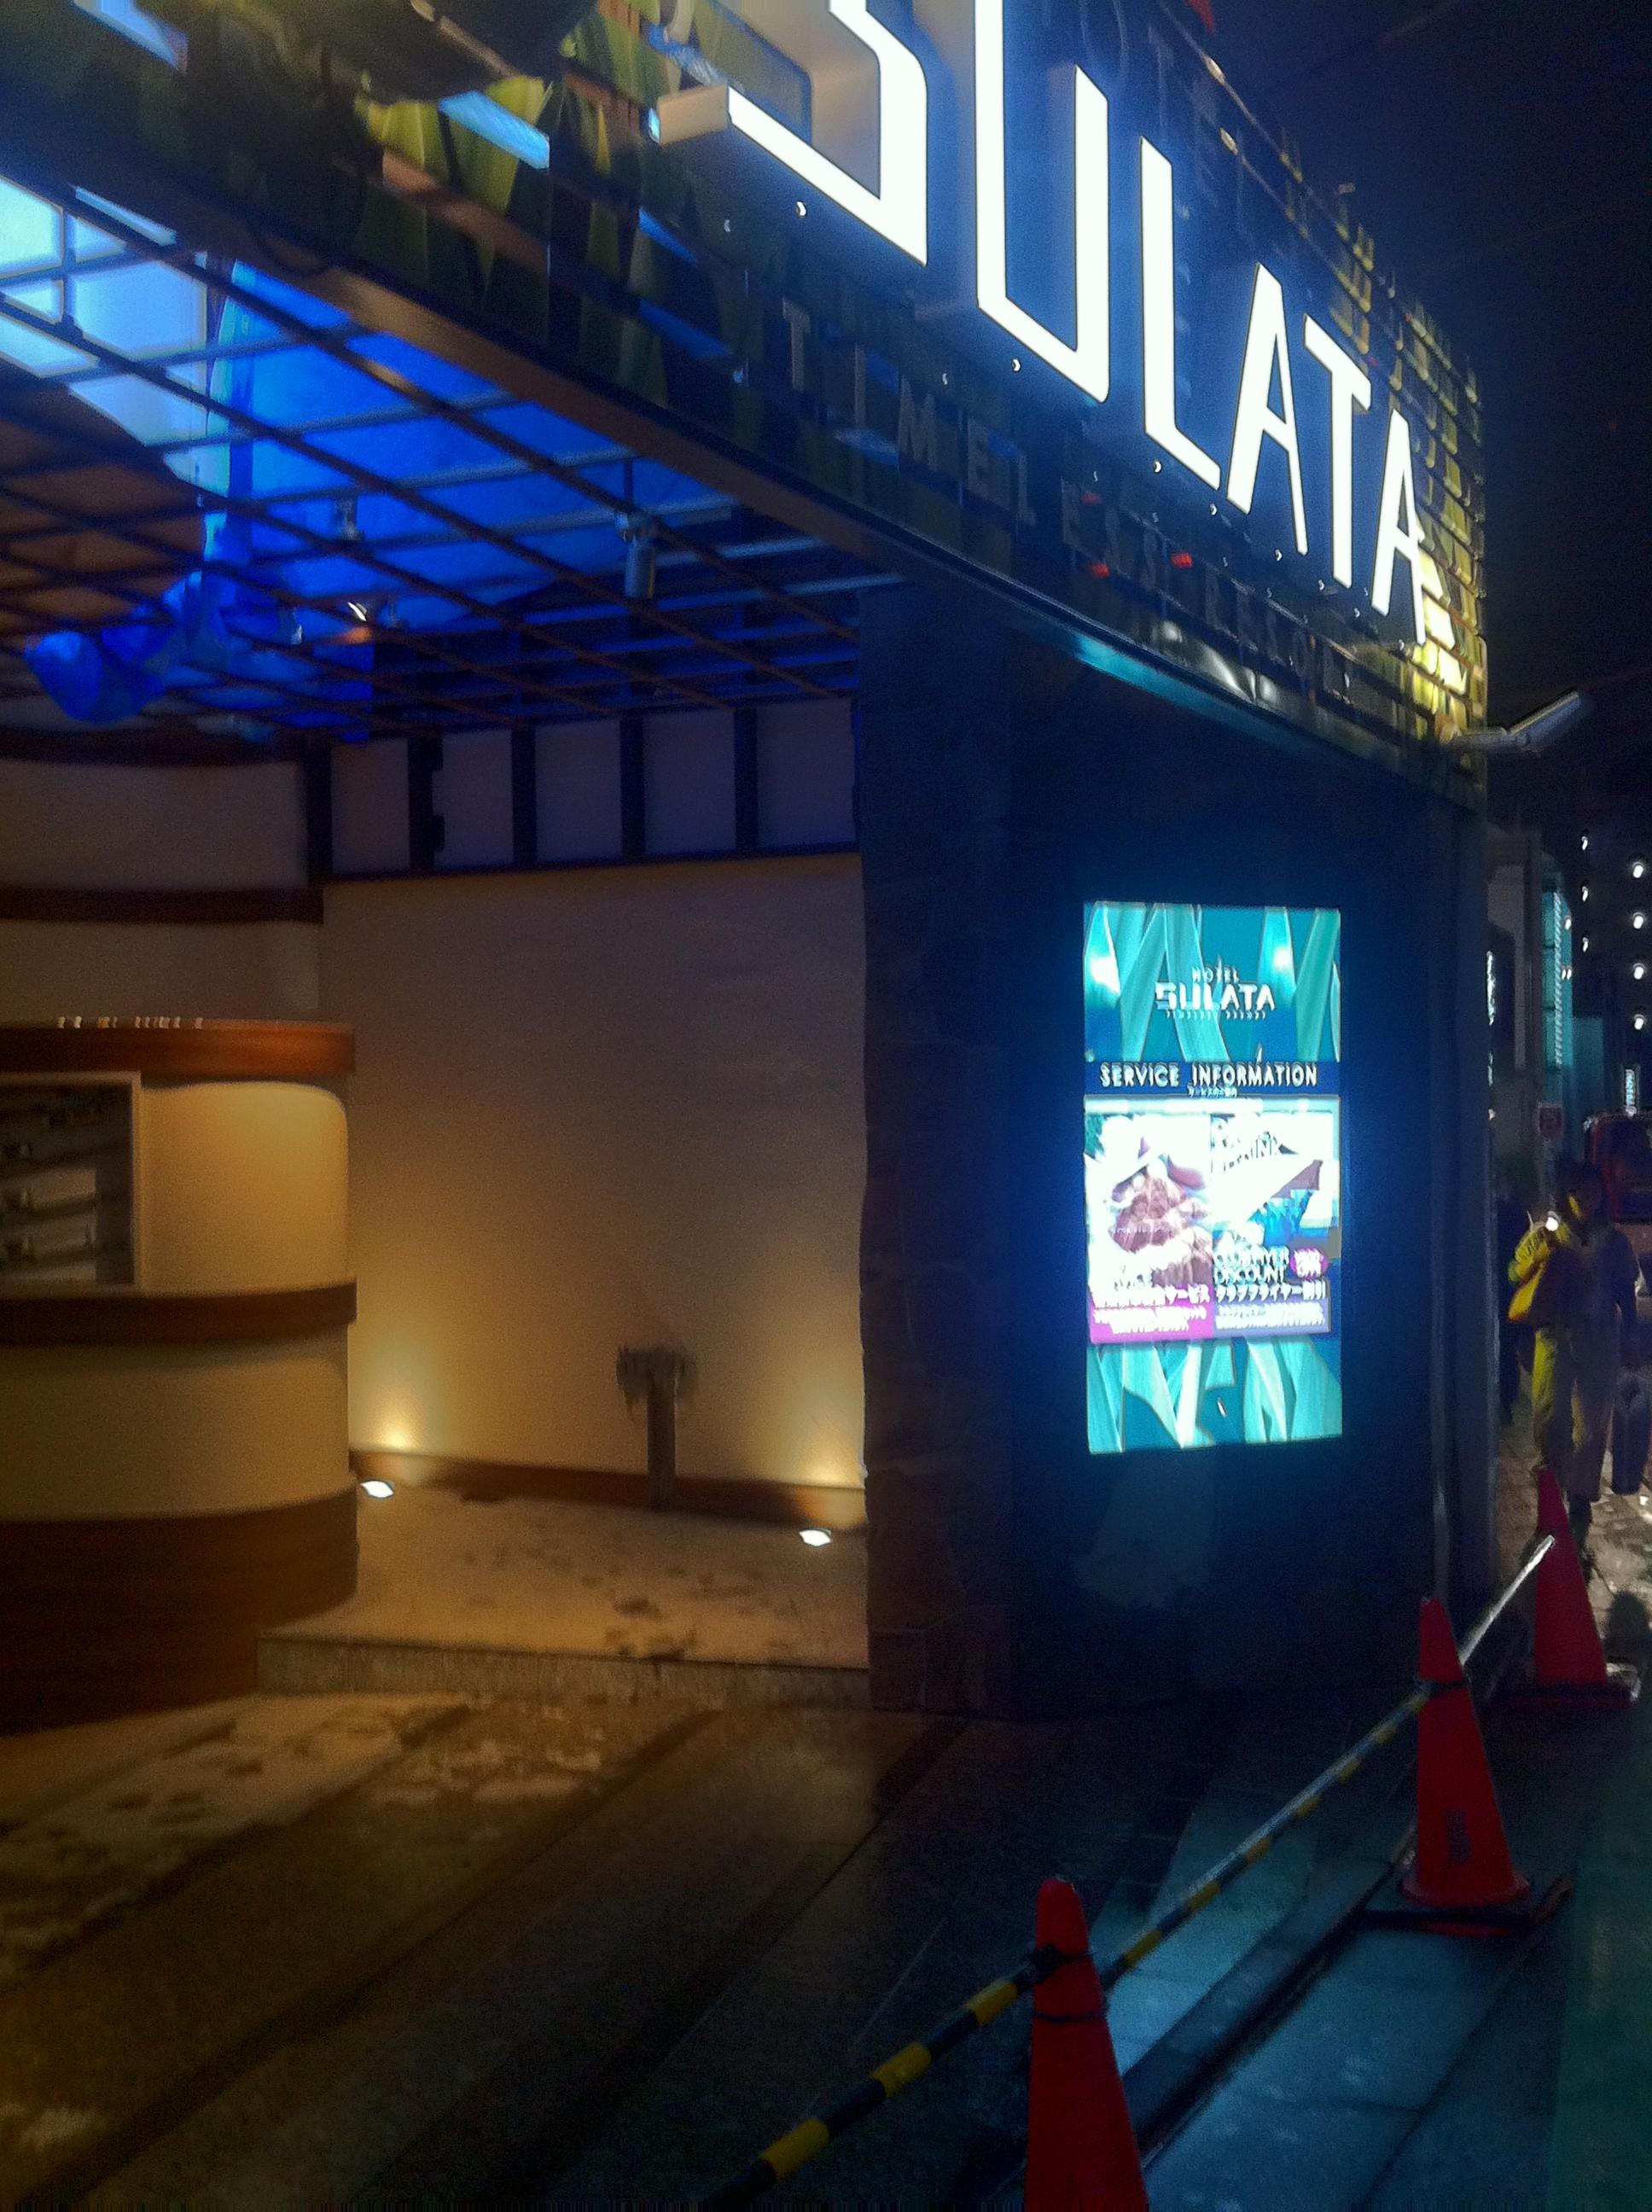 導入事例 屋外用デジタルサイネージ 72インチ壁埋込 ホテル設置 事例